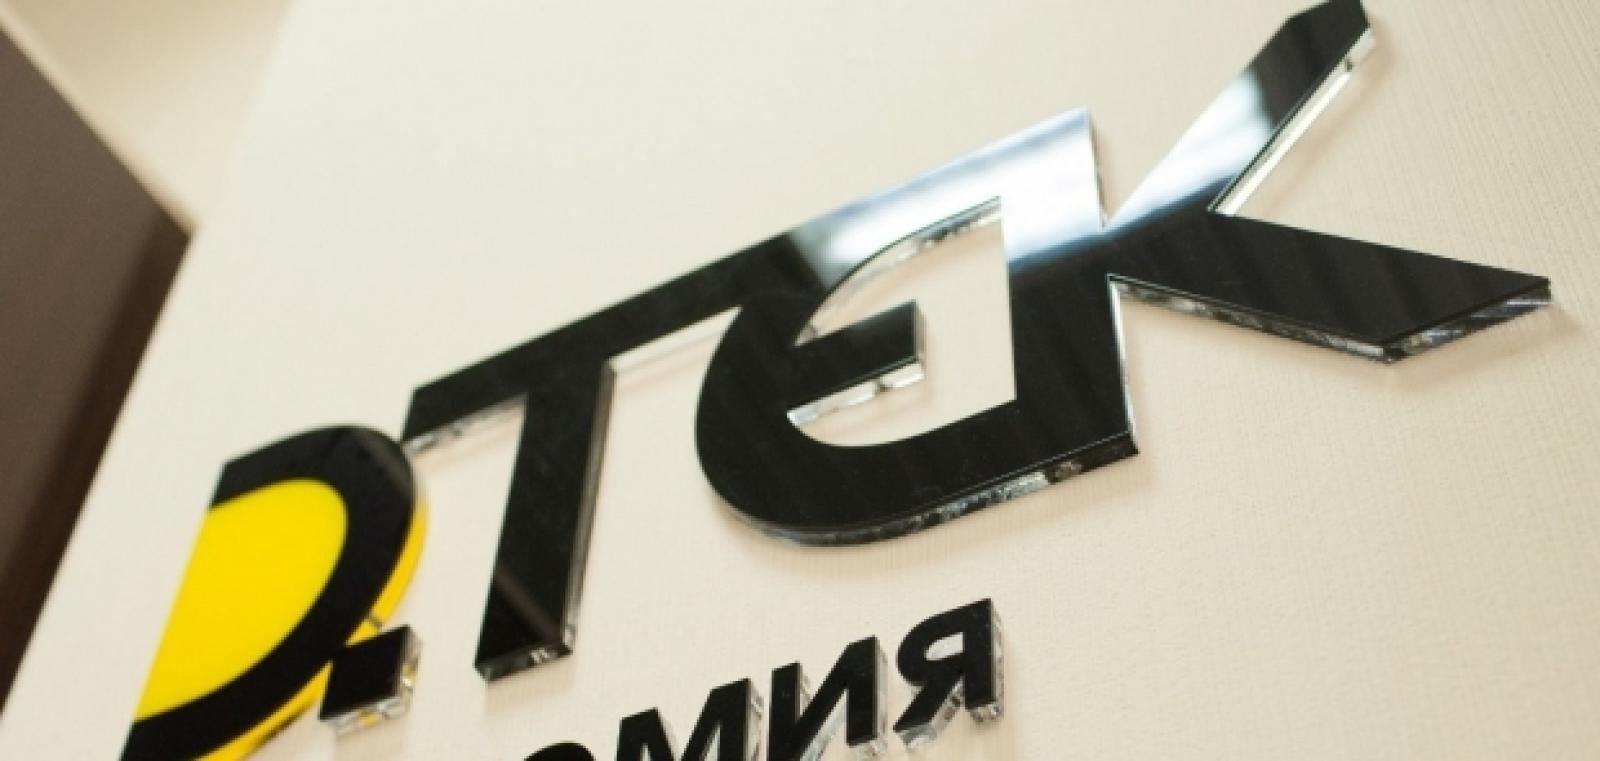 ДТЭК поставляет электроэнергию в Молдову примерно на 10 долл. дешевле, чем могут купить на оптовом рынке украинские компании / bykvu.com